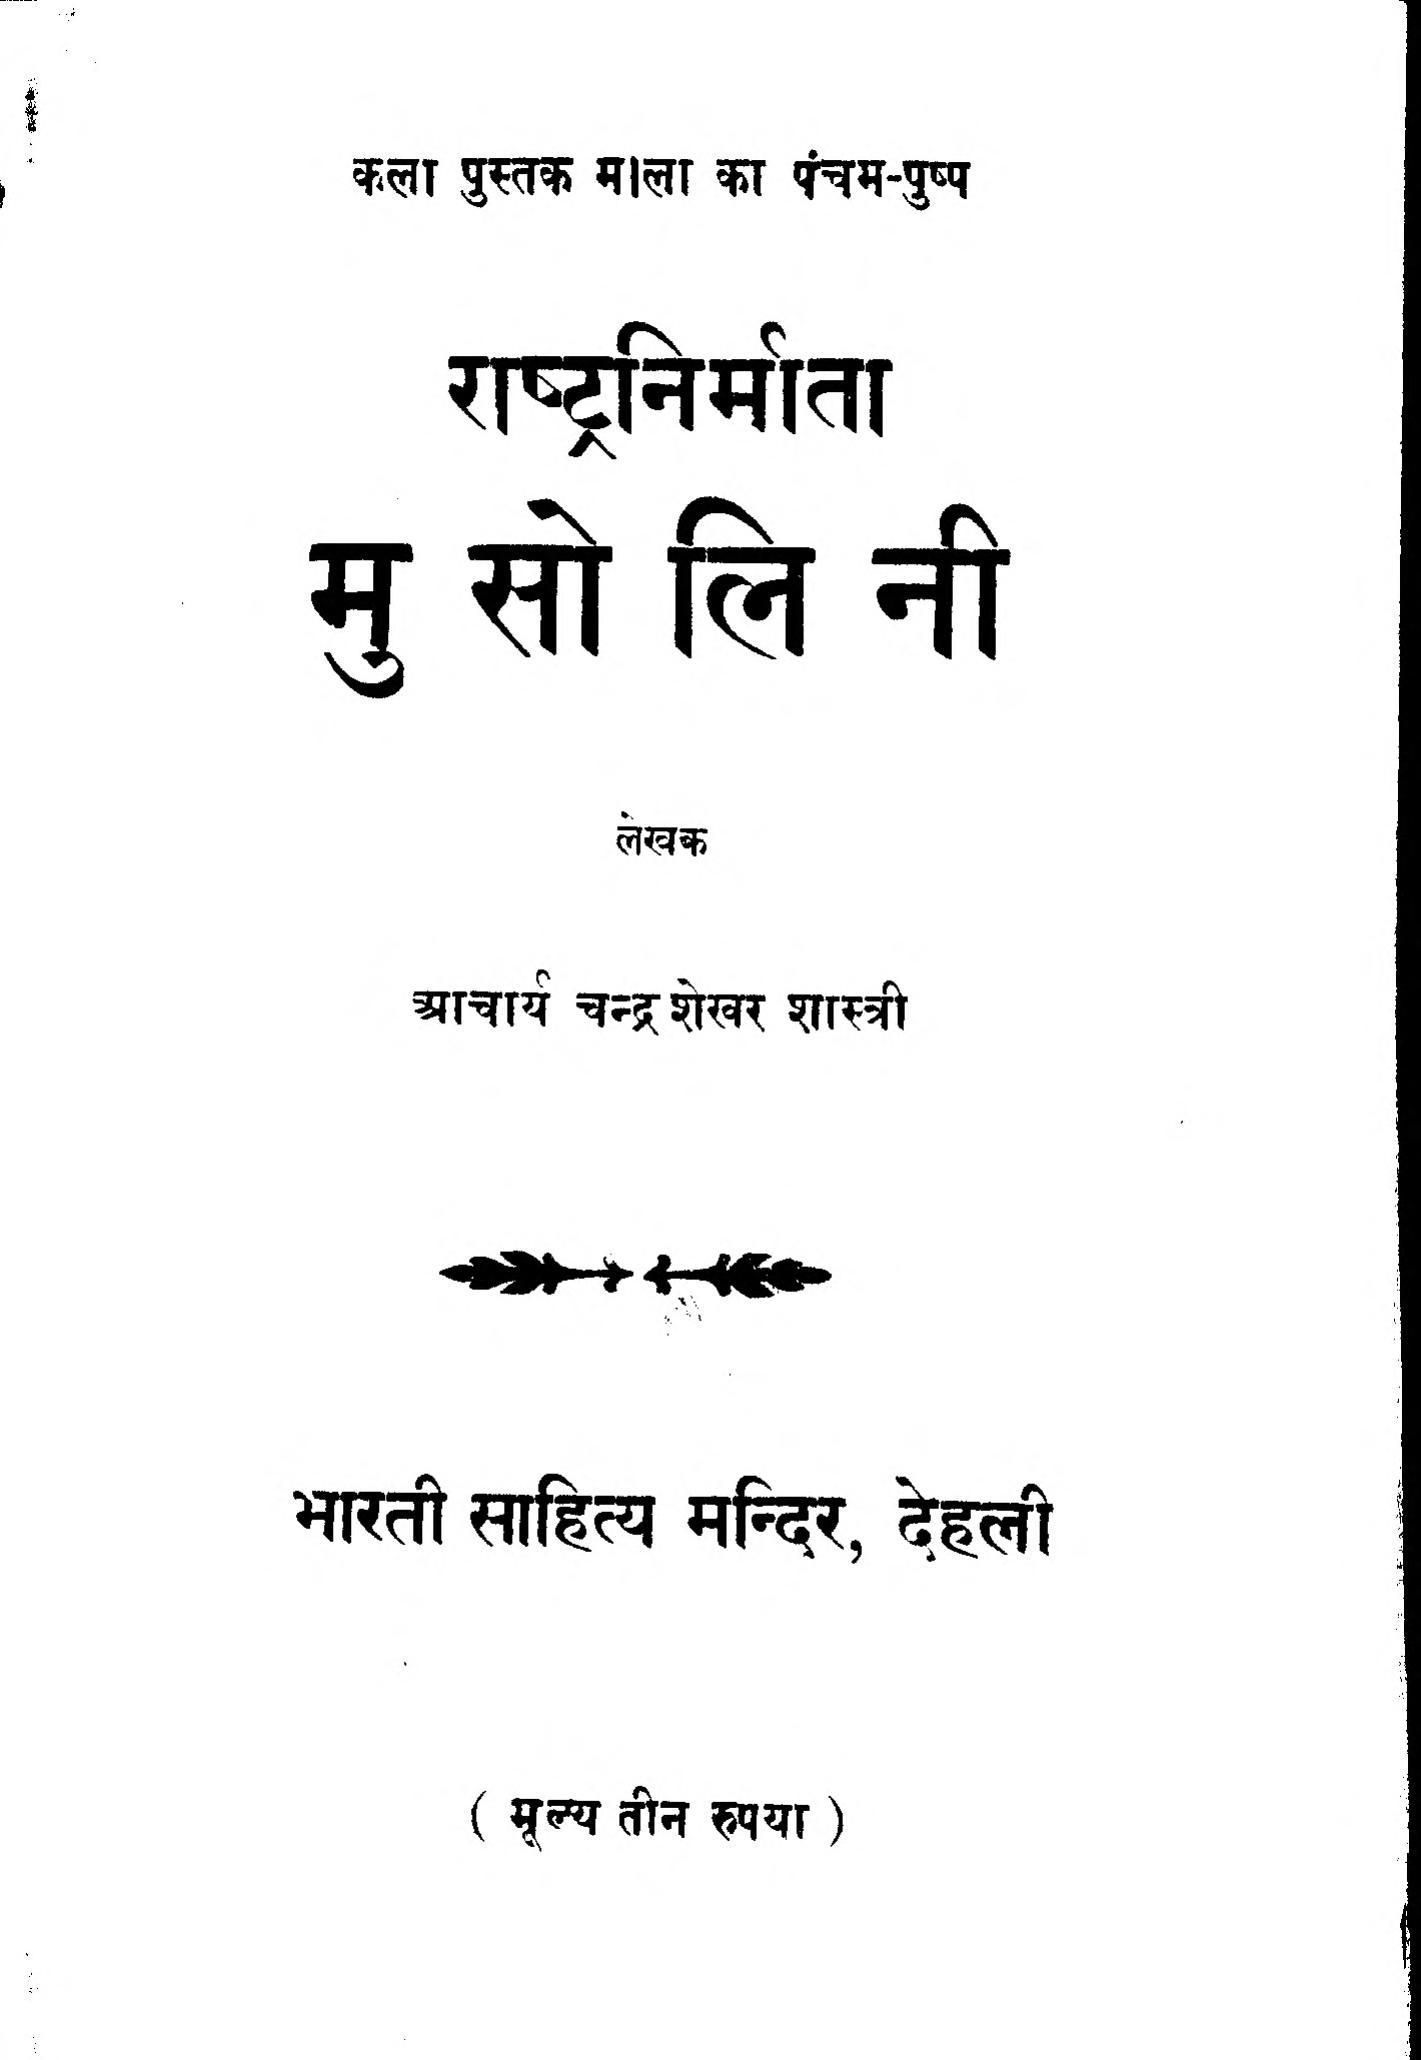 Book Image : राष्ट्रनिर्माता मुसोलिनी - Rashatra Niramaata Musholini